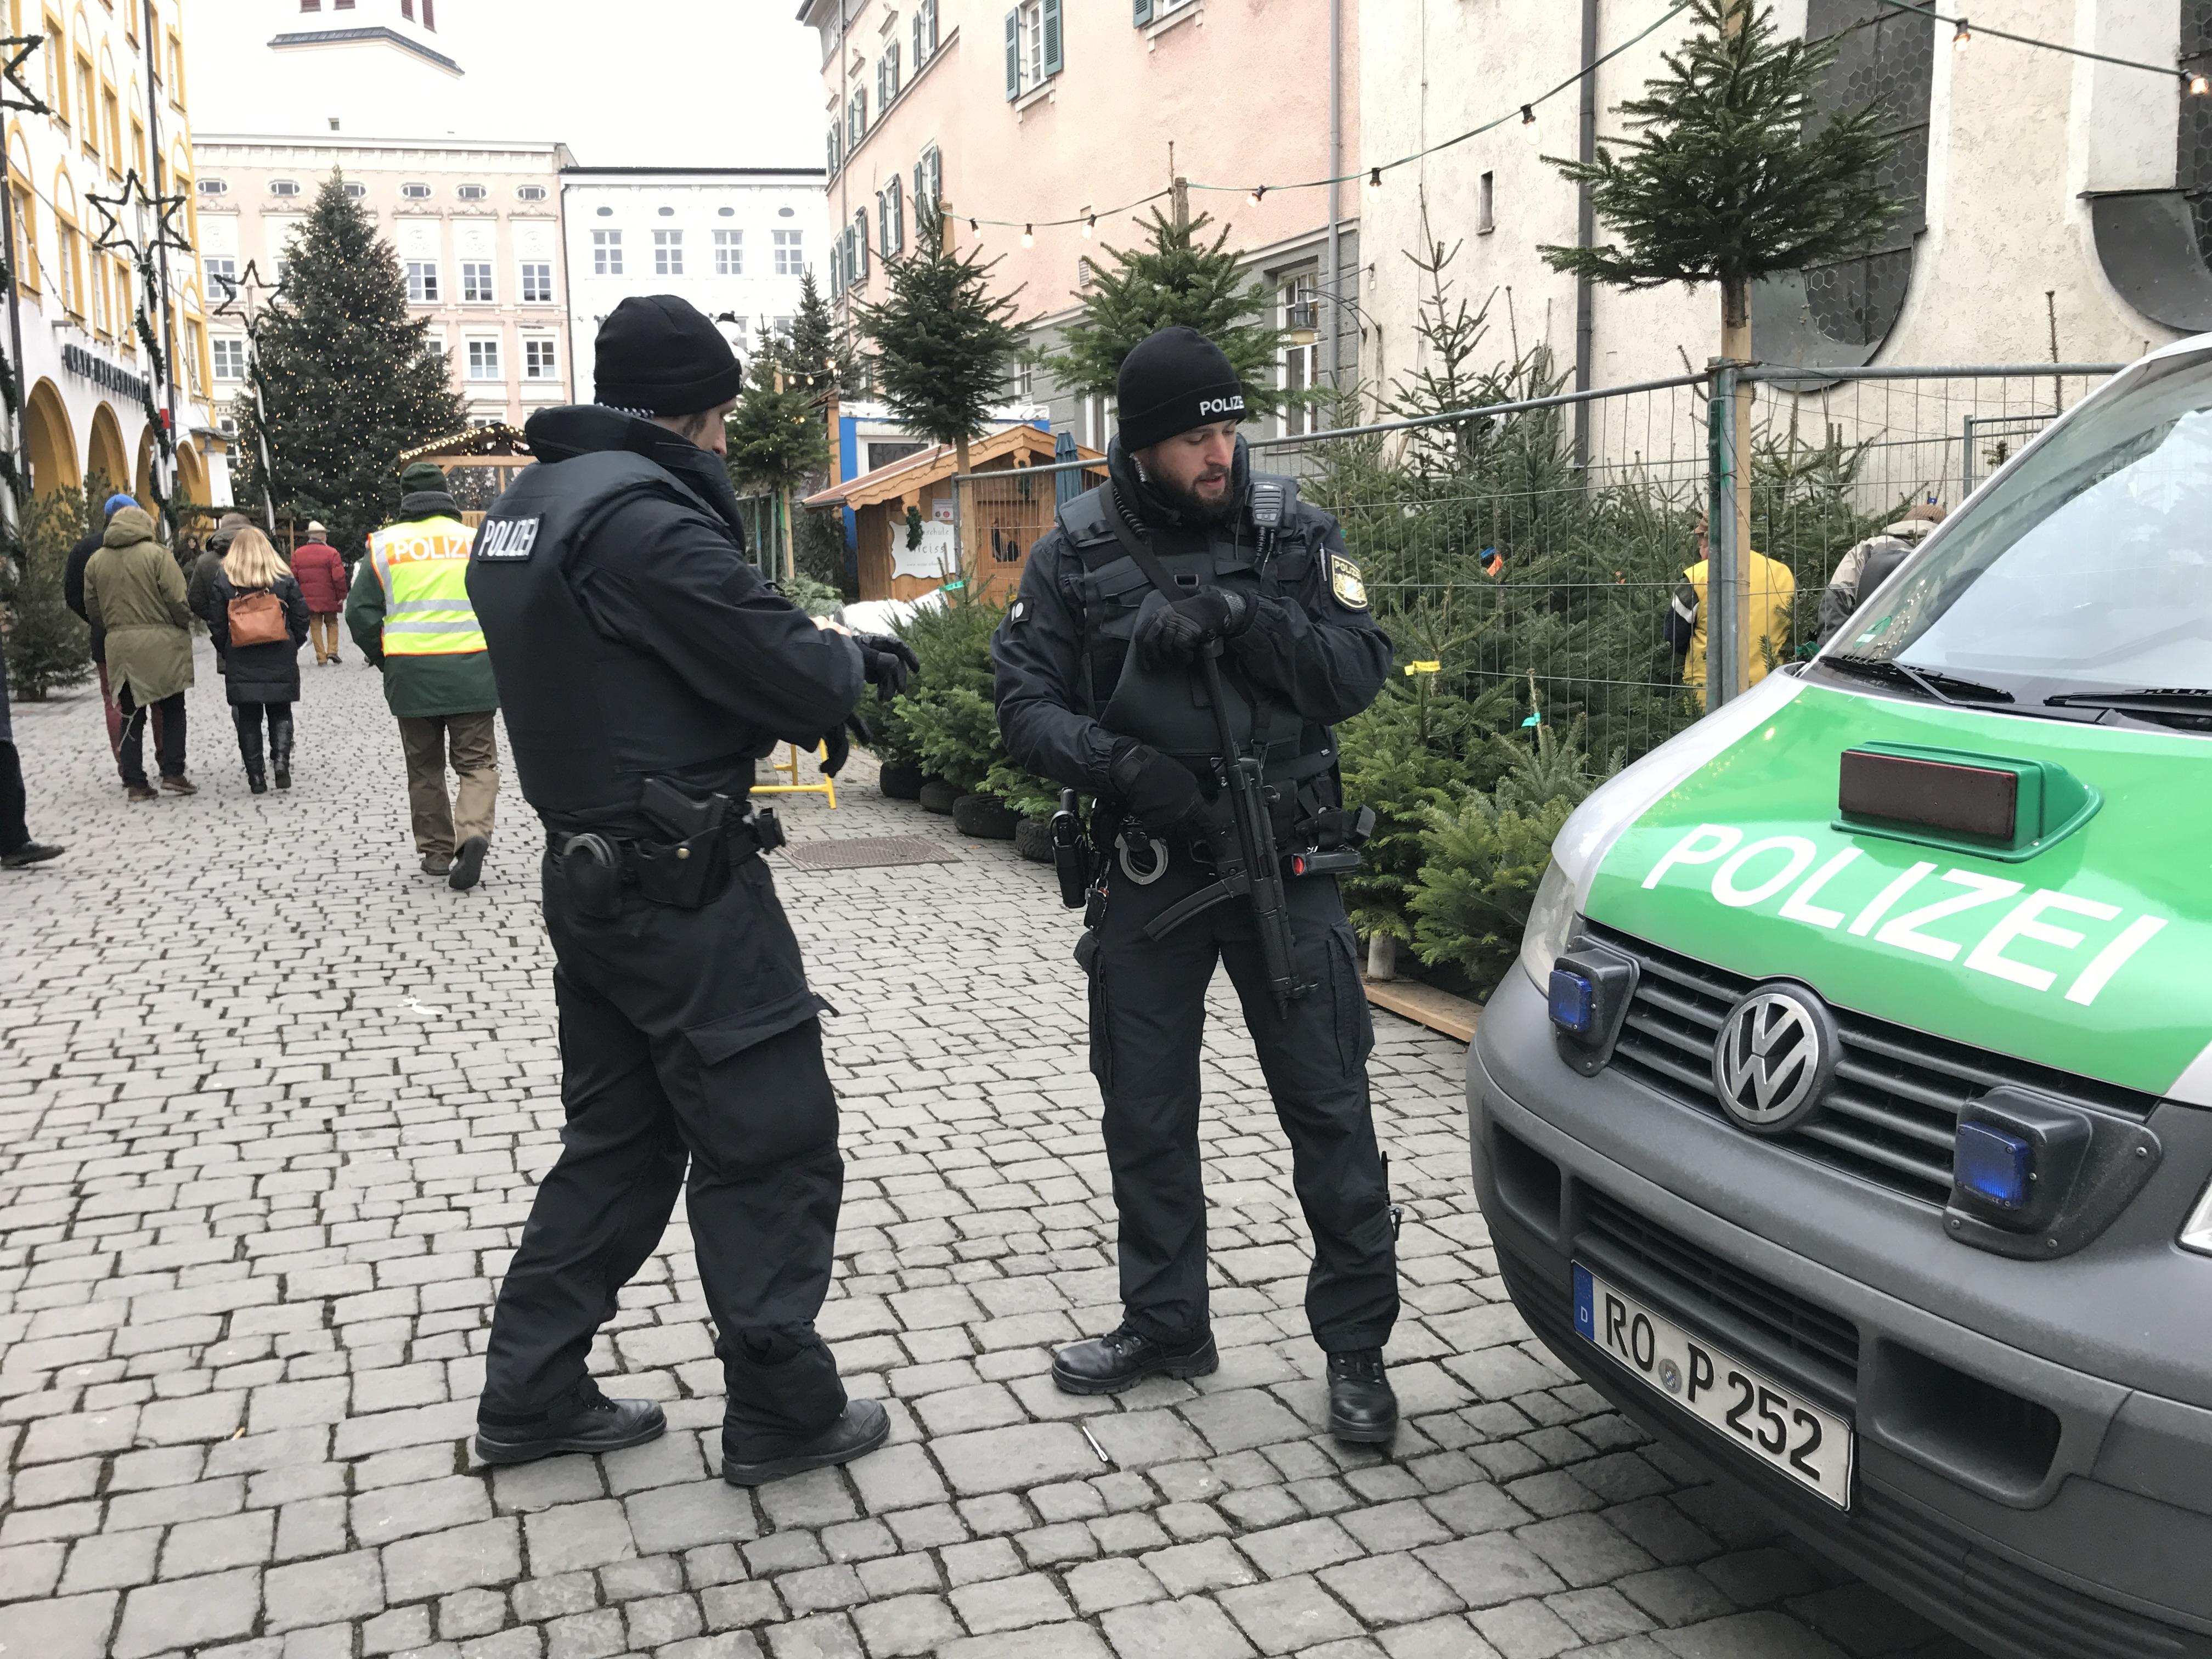 Polizei Christkindlmarkt 2